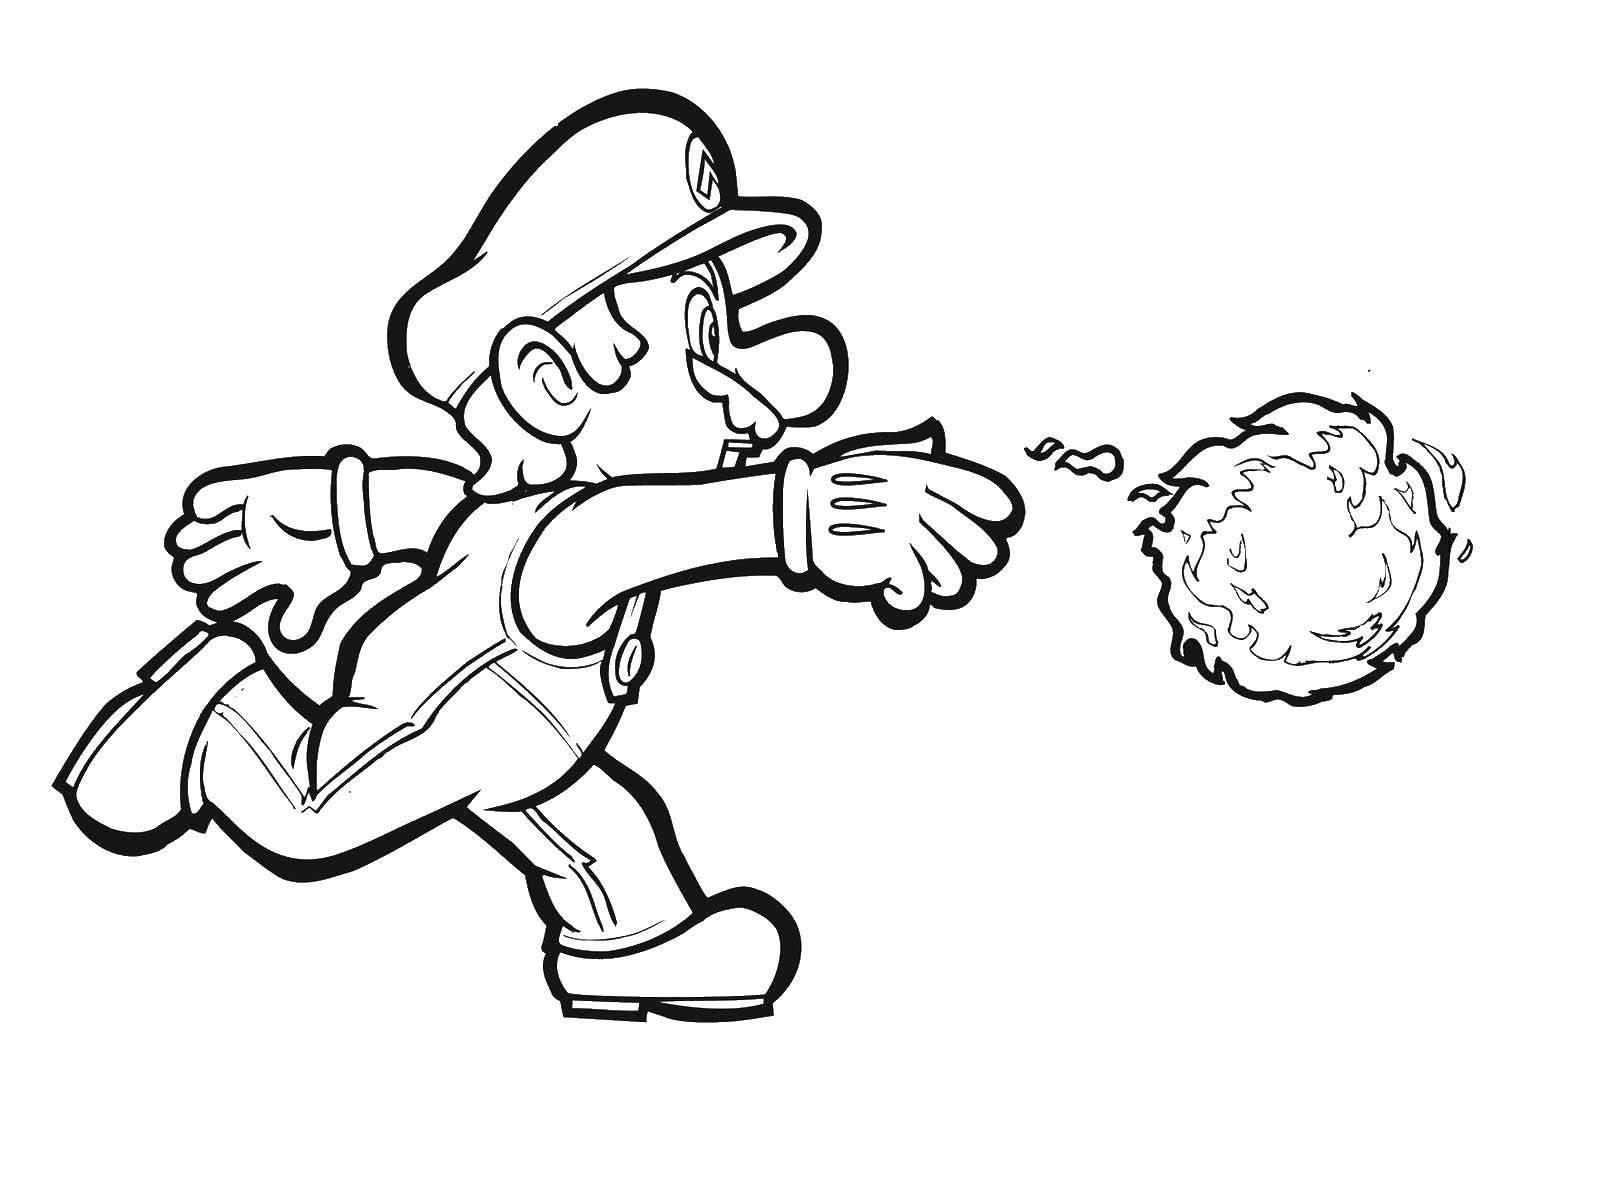 Раскраска Марио сражается. Скачать игры, Марио, Супер Марио.  Распечатать ,марио,